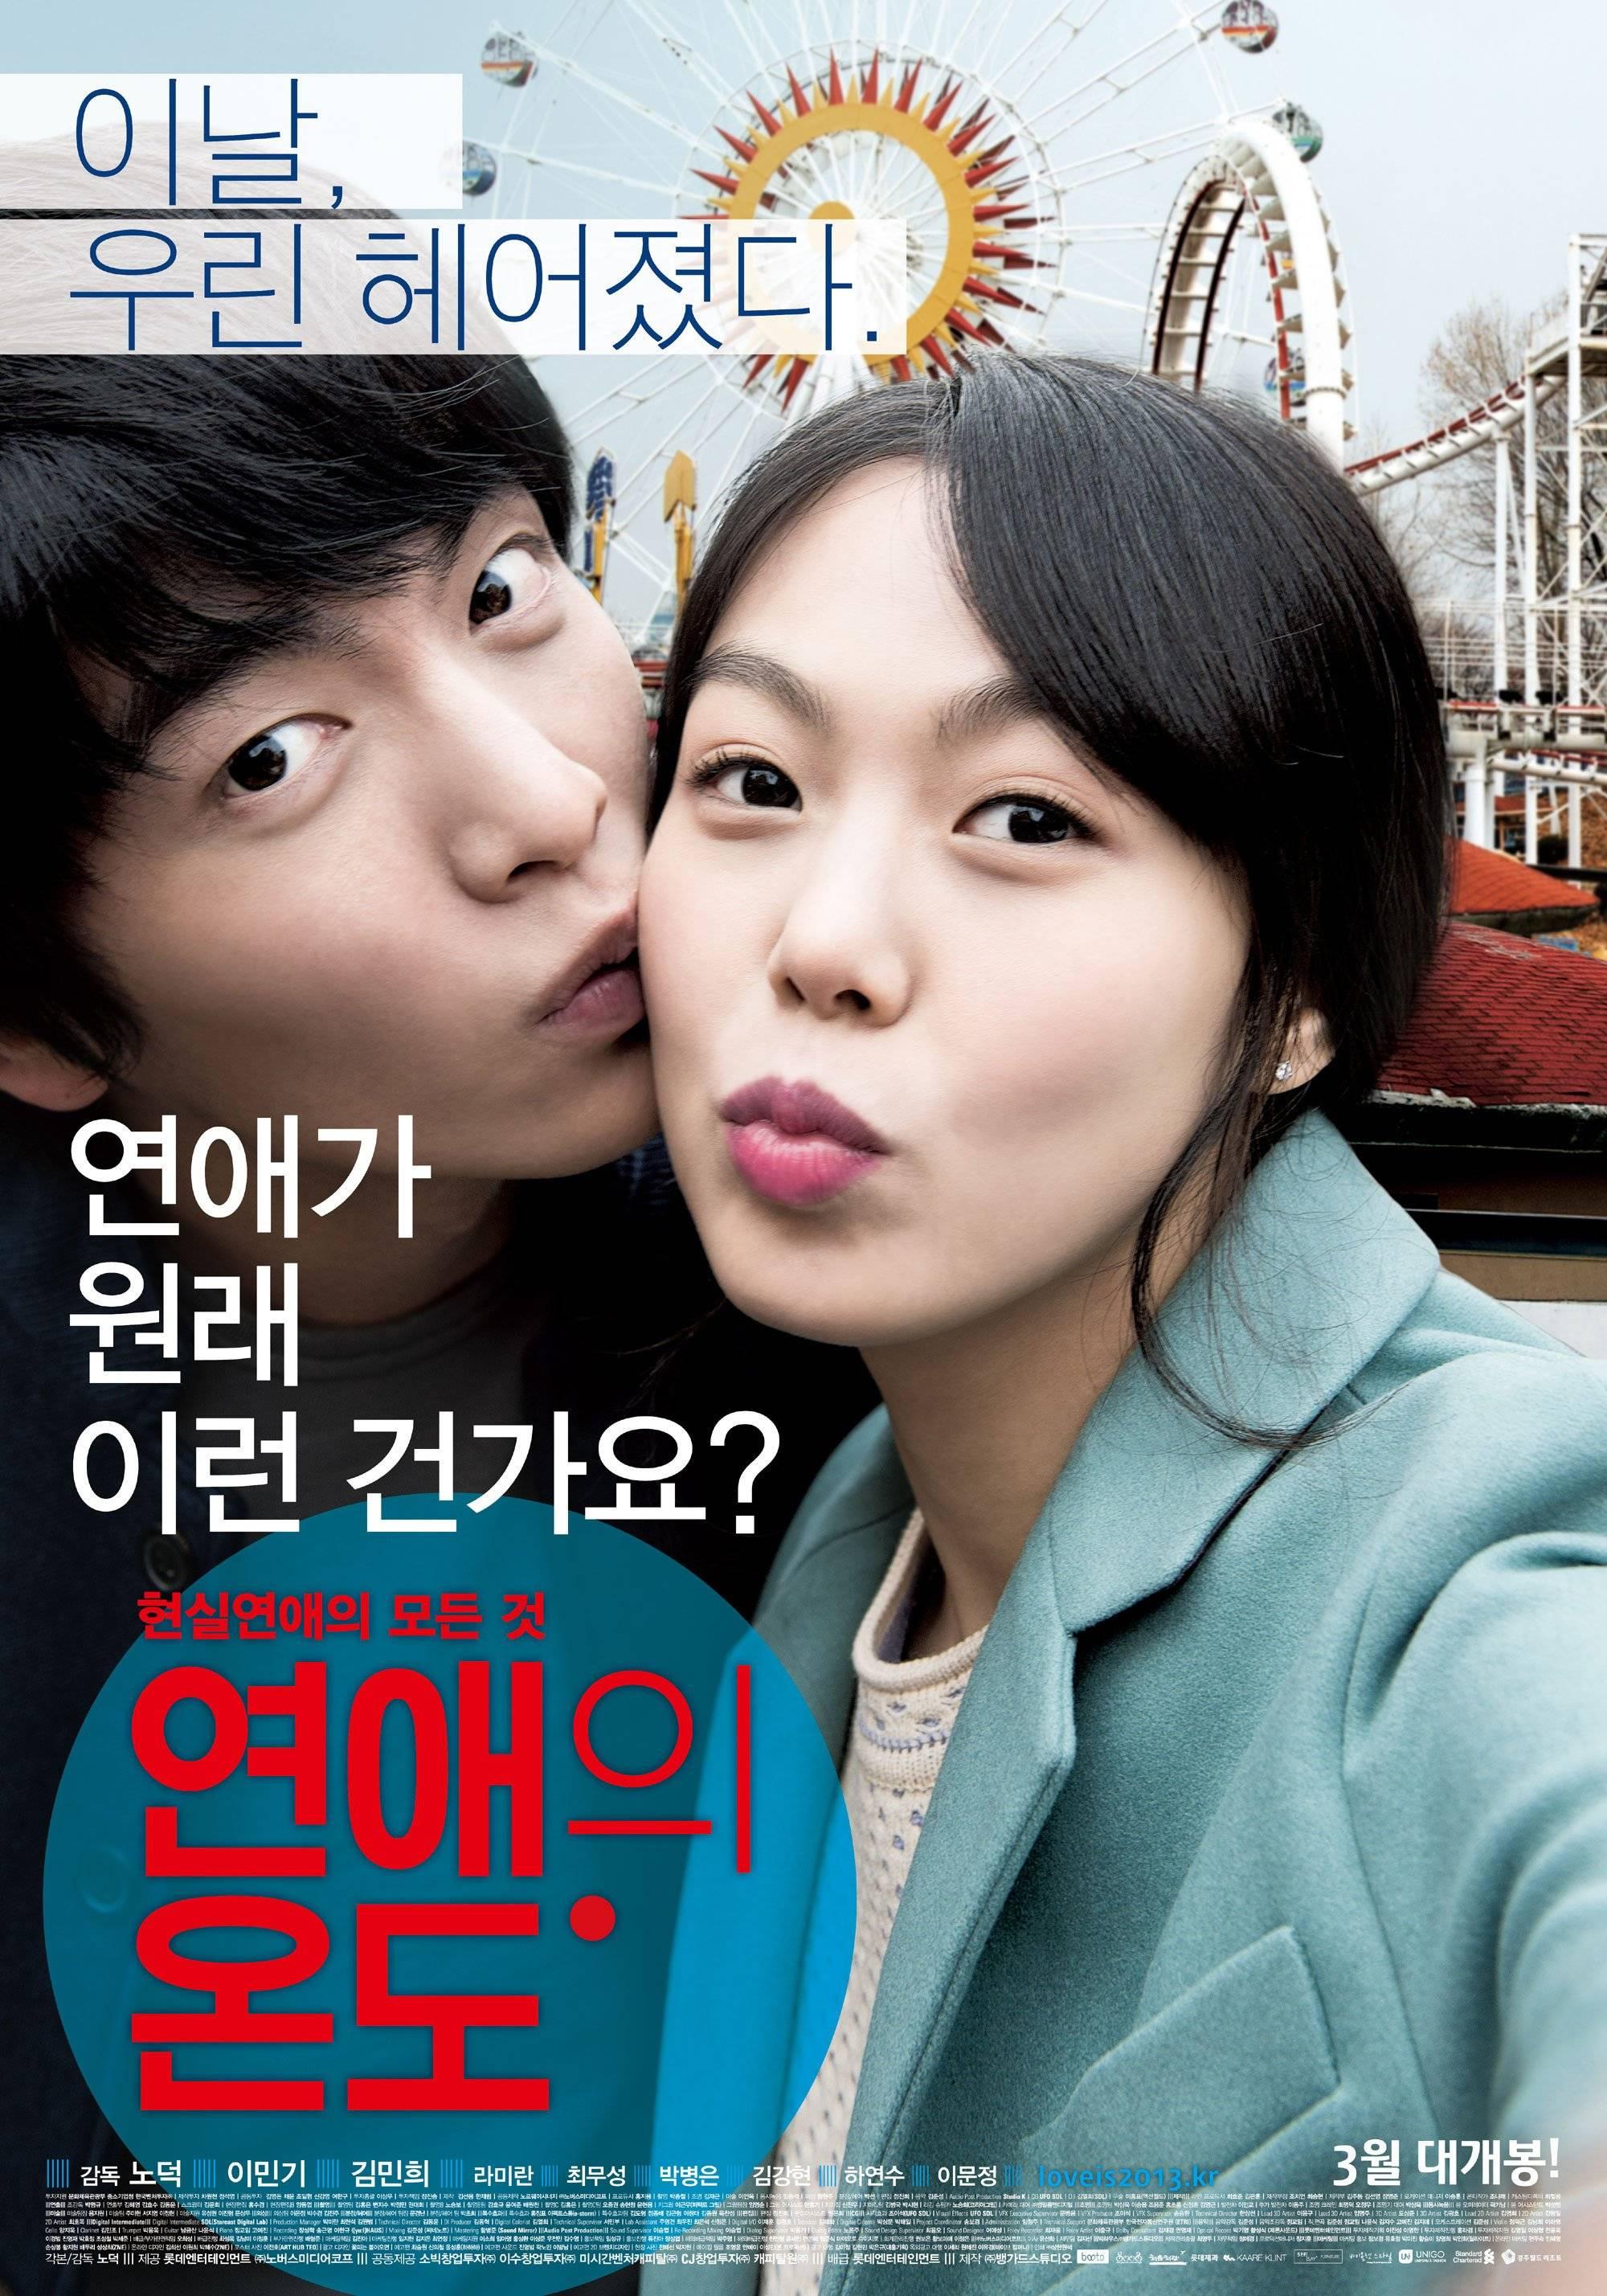 trailer released for the korean movie degree of love hancinema